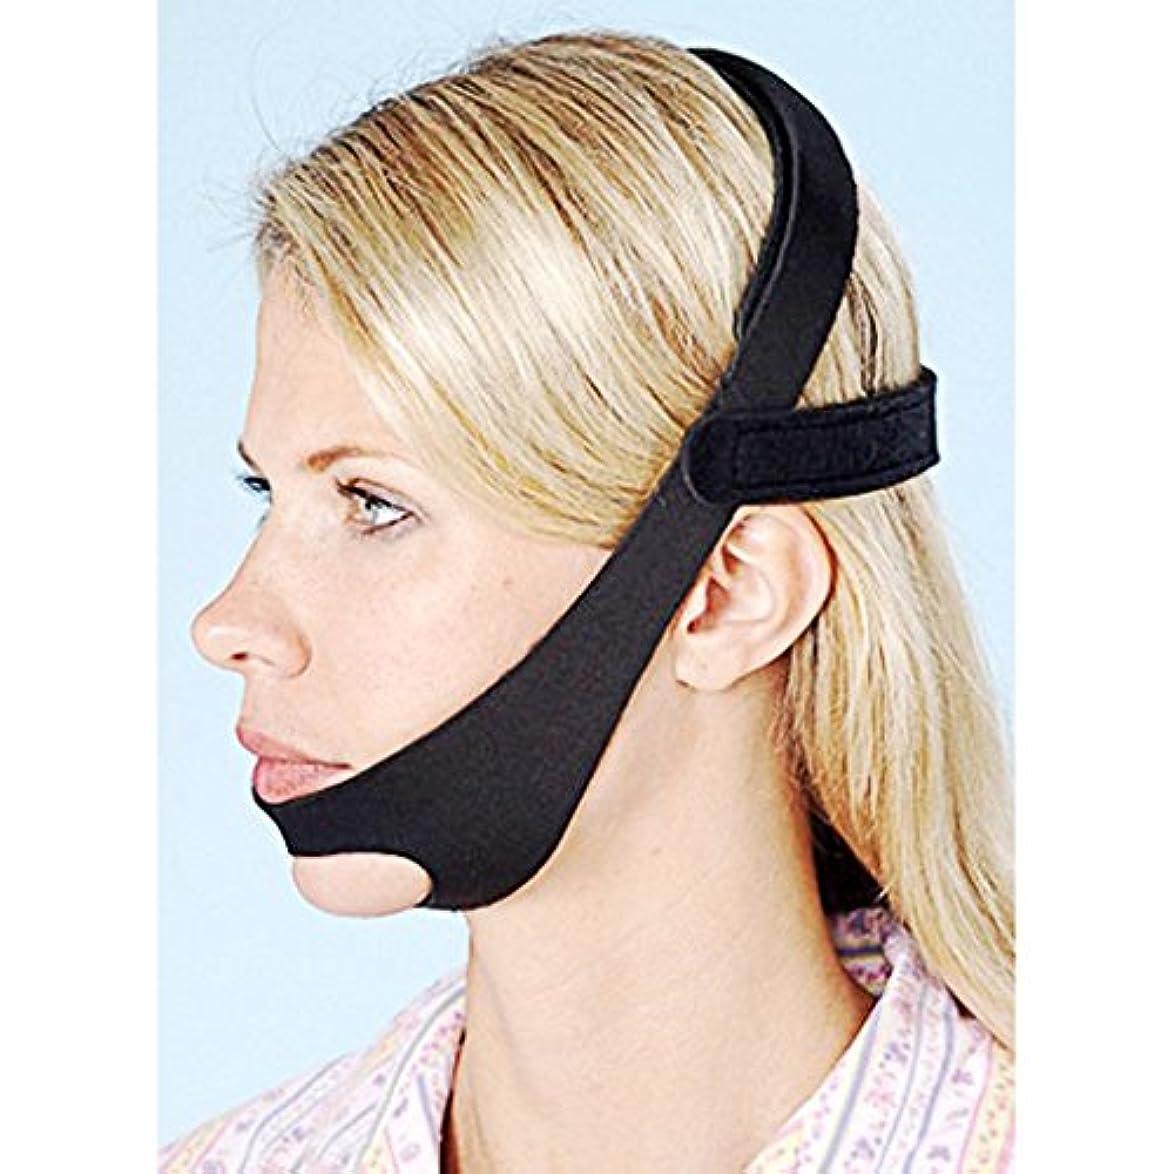 排他的音節オートマトンDH 2018新しくいびき予防|調整可能なアンチSnoringチンストラップは、男性と女性のためにいびきのいびきSnore Relief Jaw Support Stop Snoring Solution DAHAN